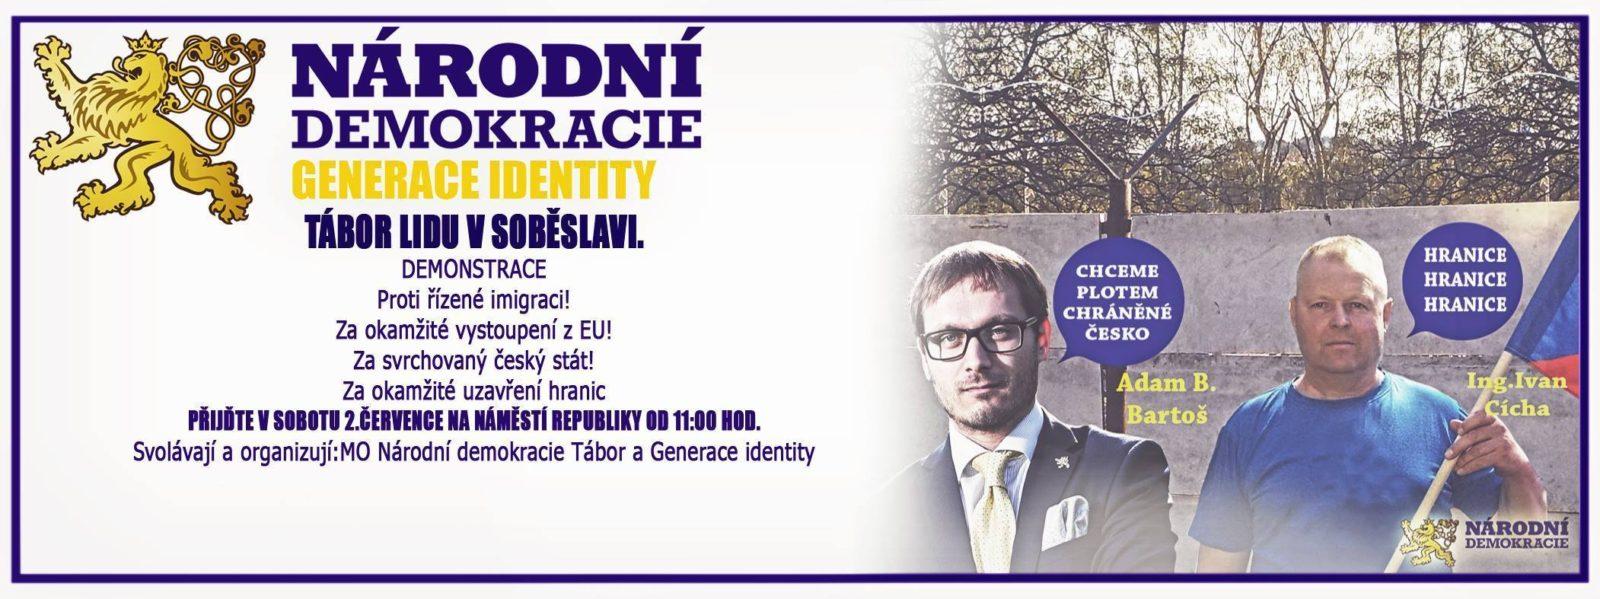 TL_Sobeslav_1